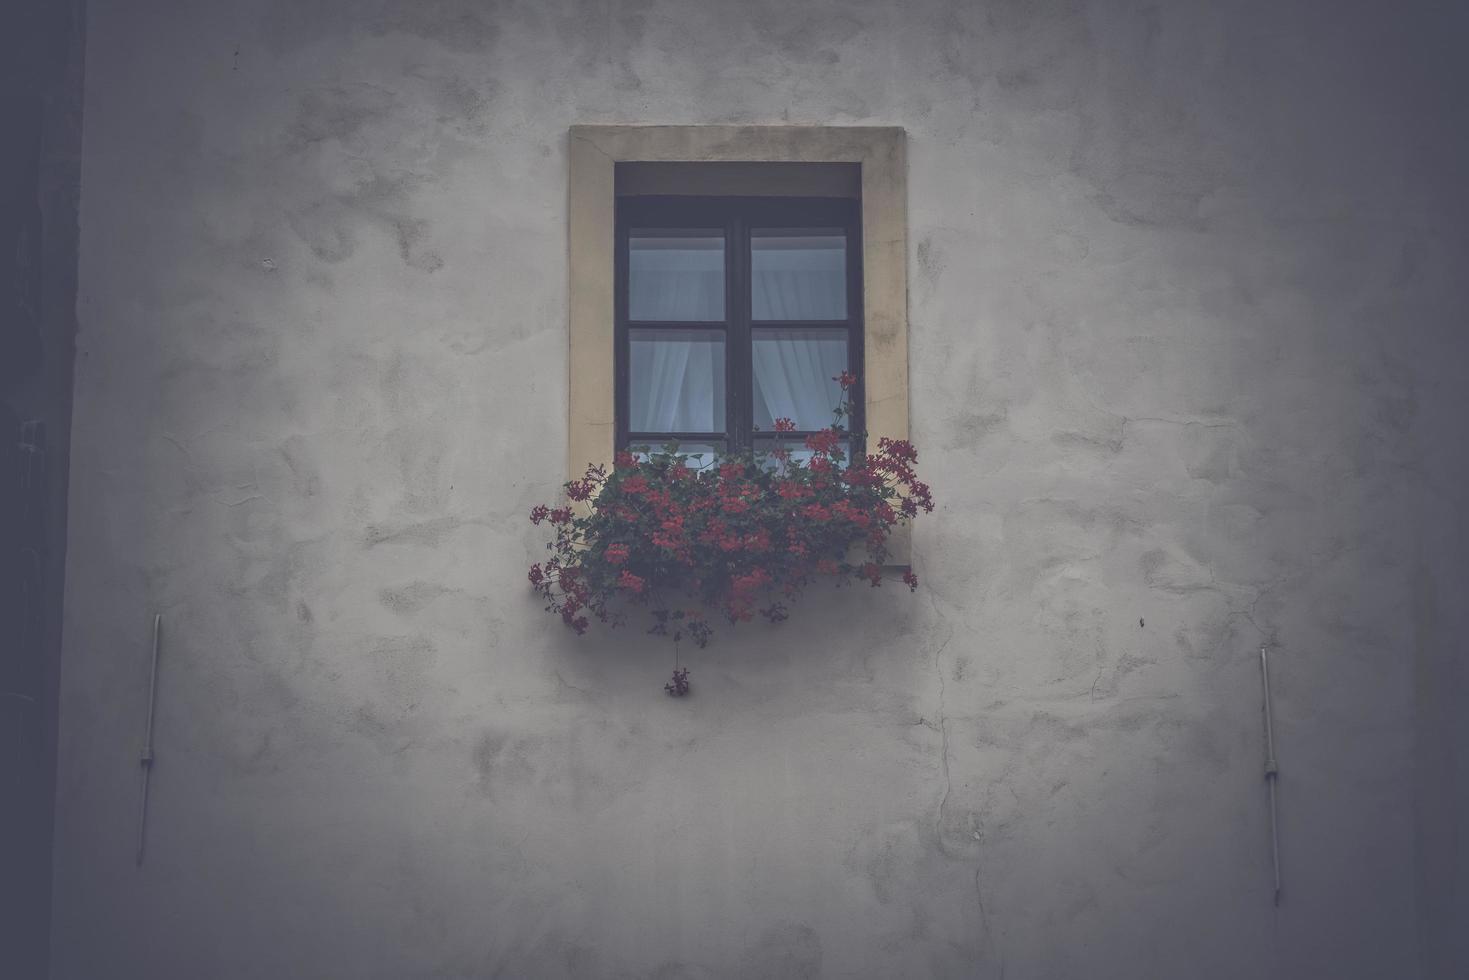 venster met bloemen in doos foto